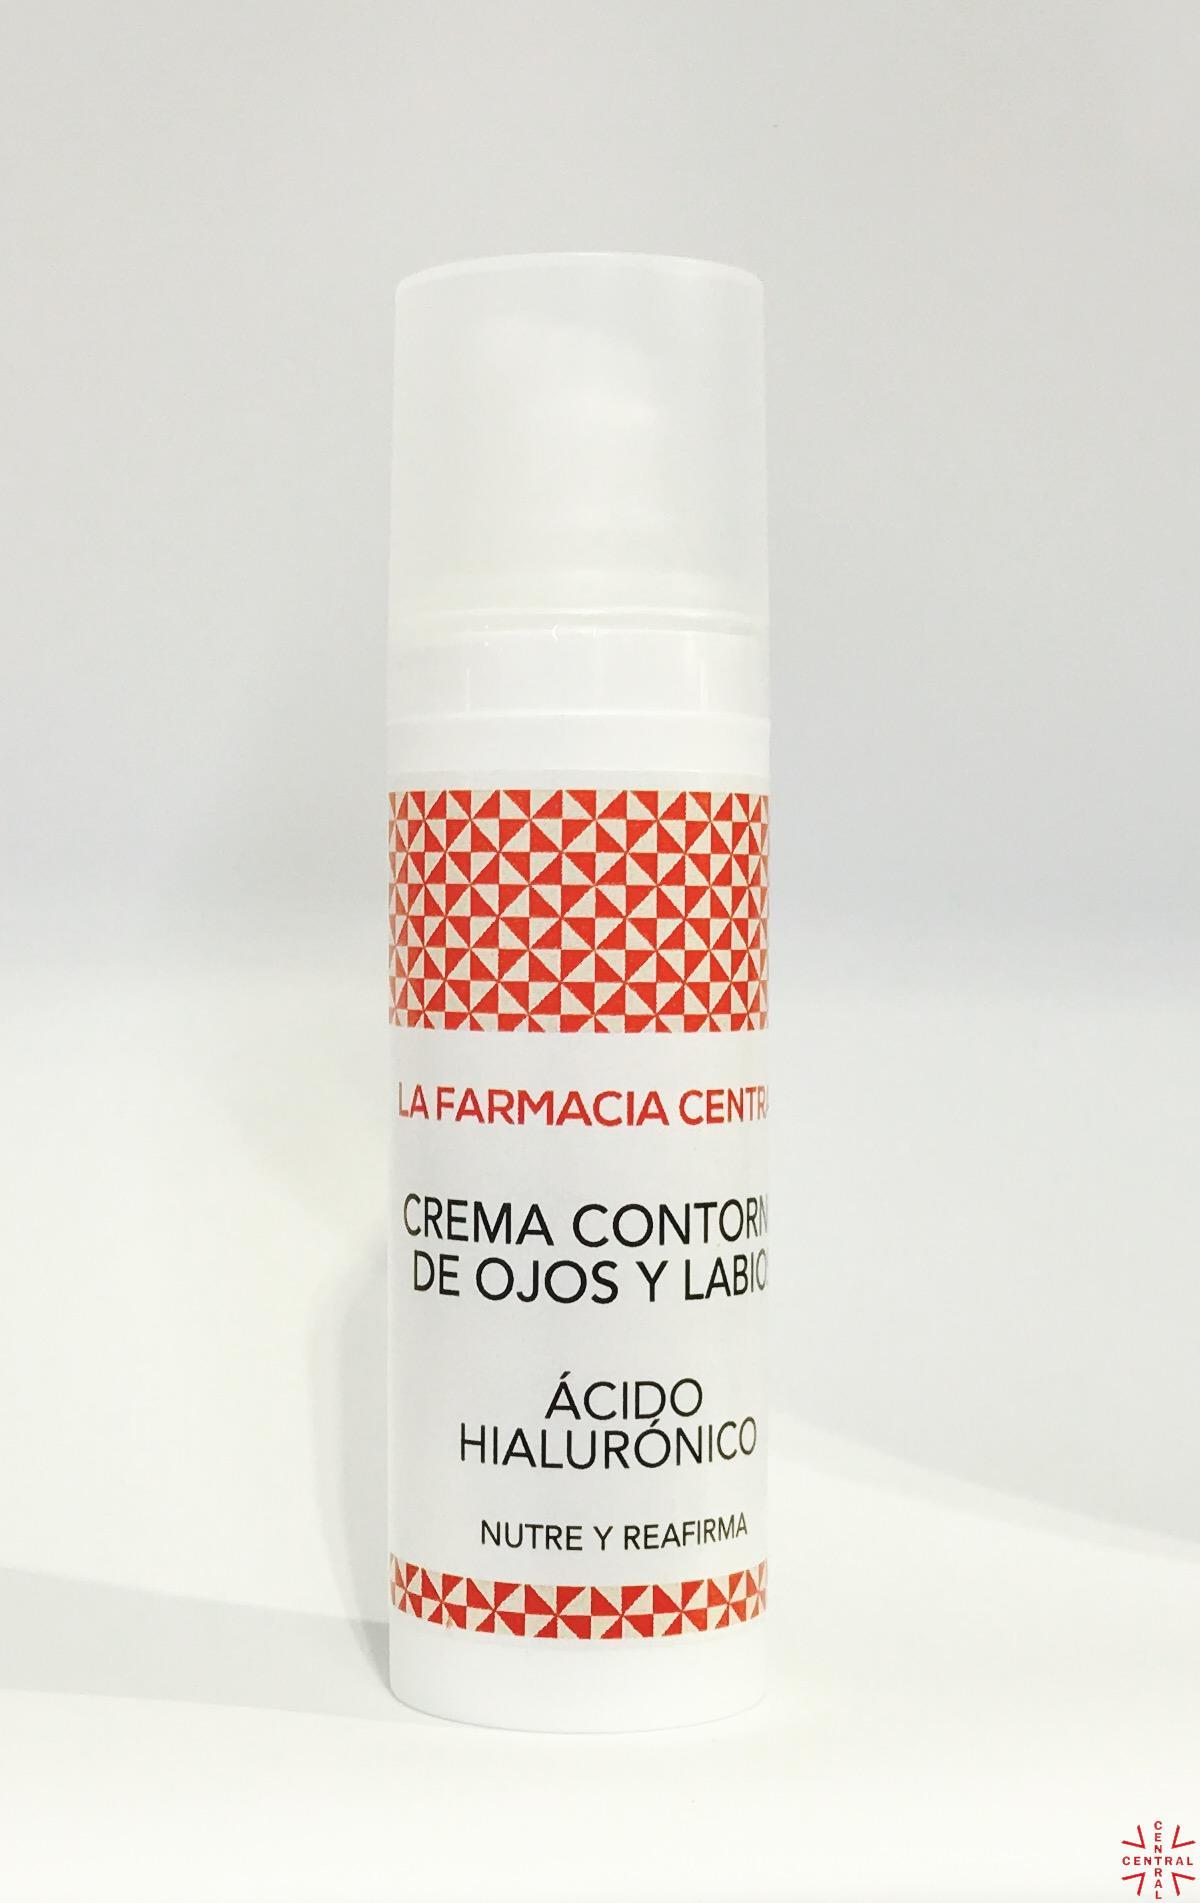 LFC Crema contorno ojos y labios Ác. Hialurónico 30ml